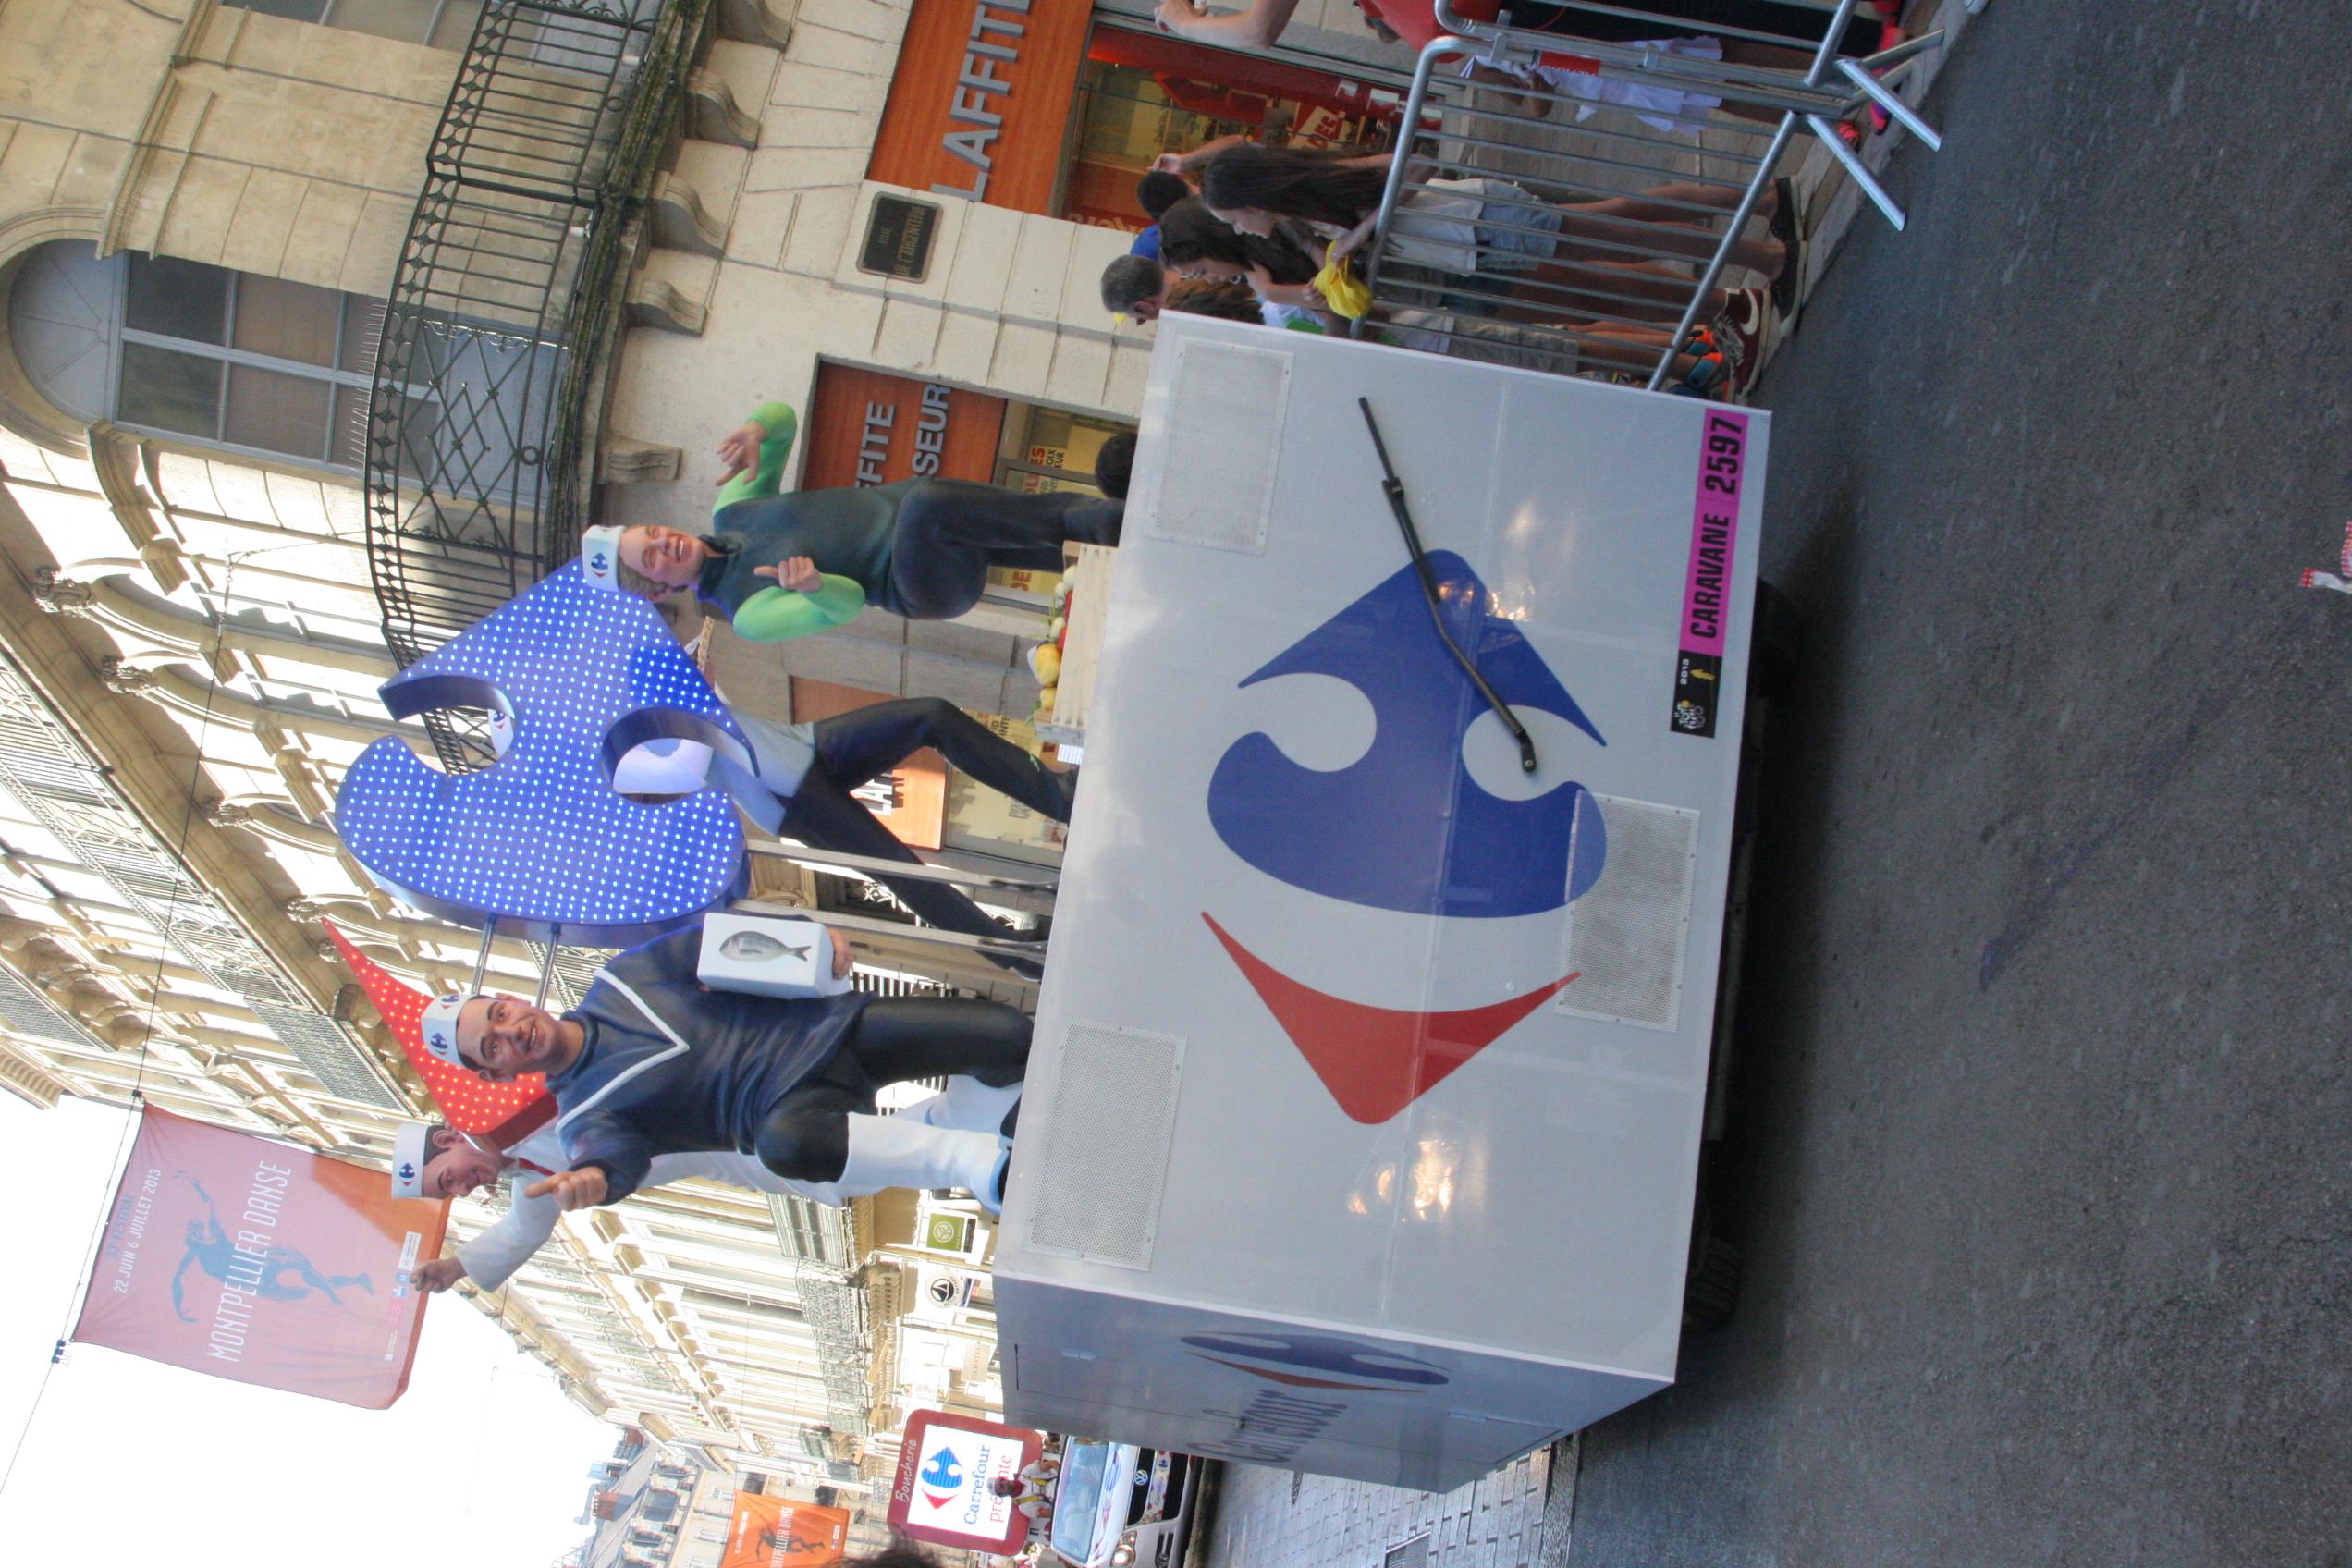 Rencontre Sexe Rambouillet (78120), Trouves Ton Plan Cul Sur Gare Aux Coquines